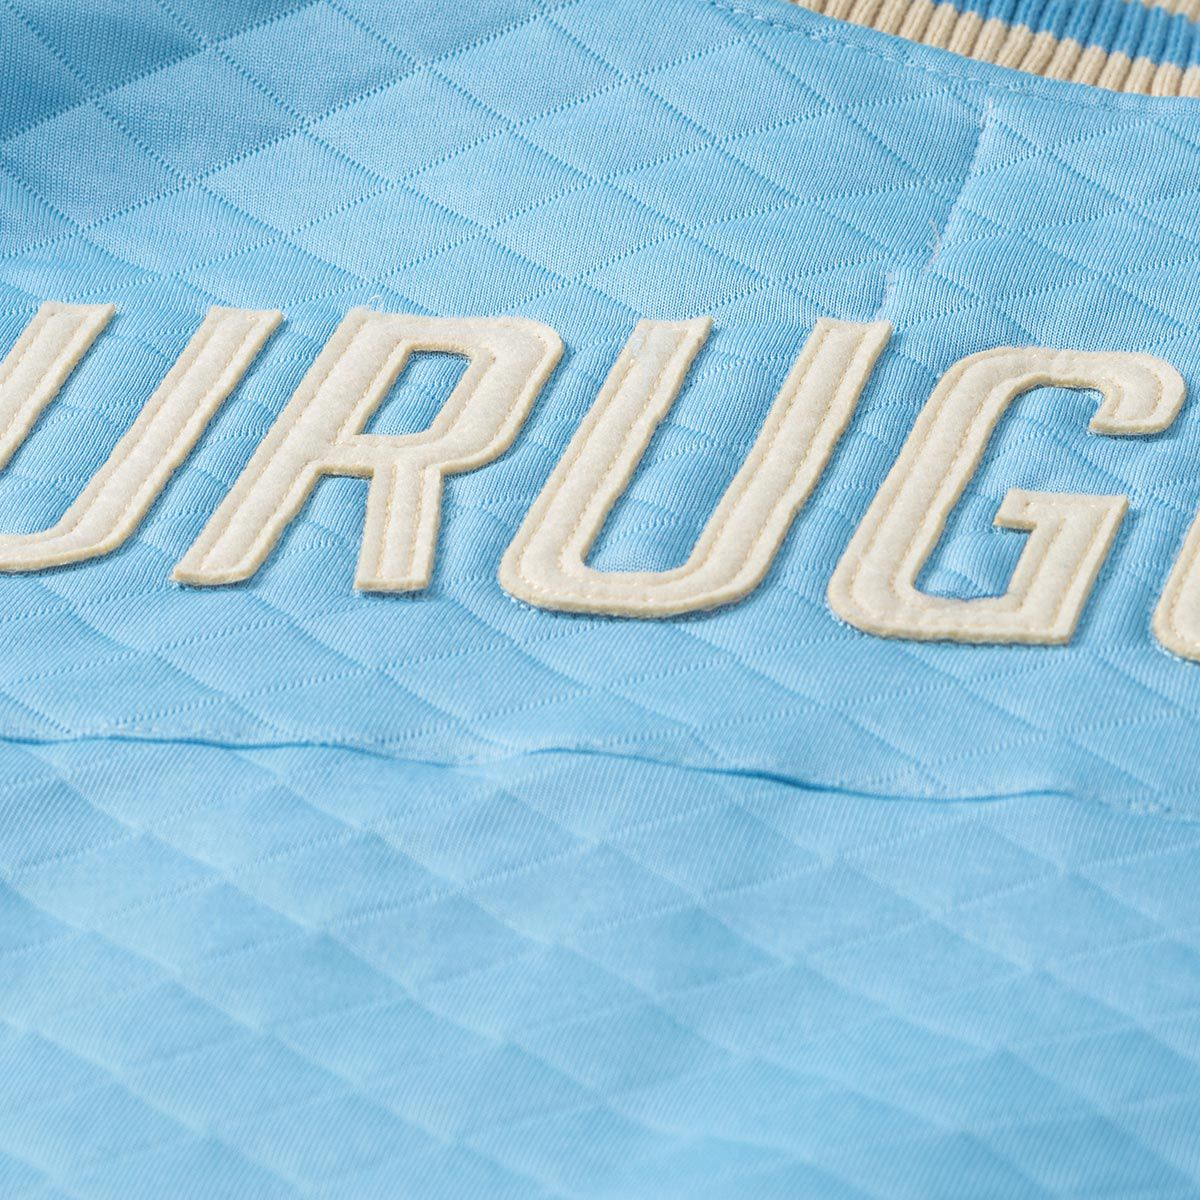 Jaqueta Uruguai Retrô Gol Classic Masculina